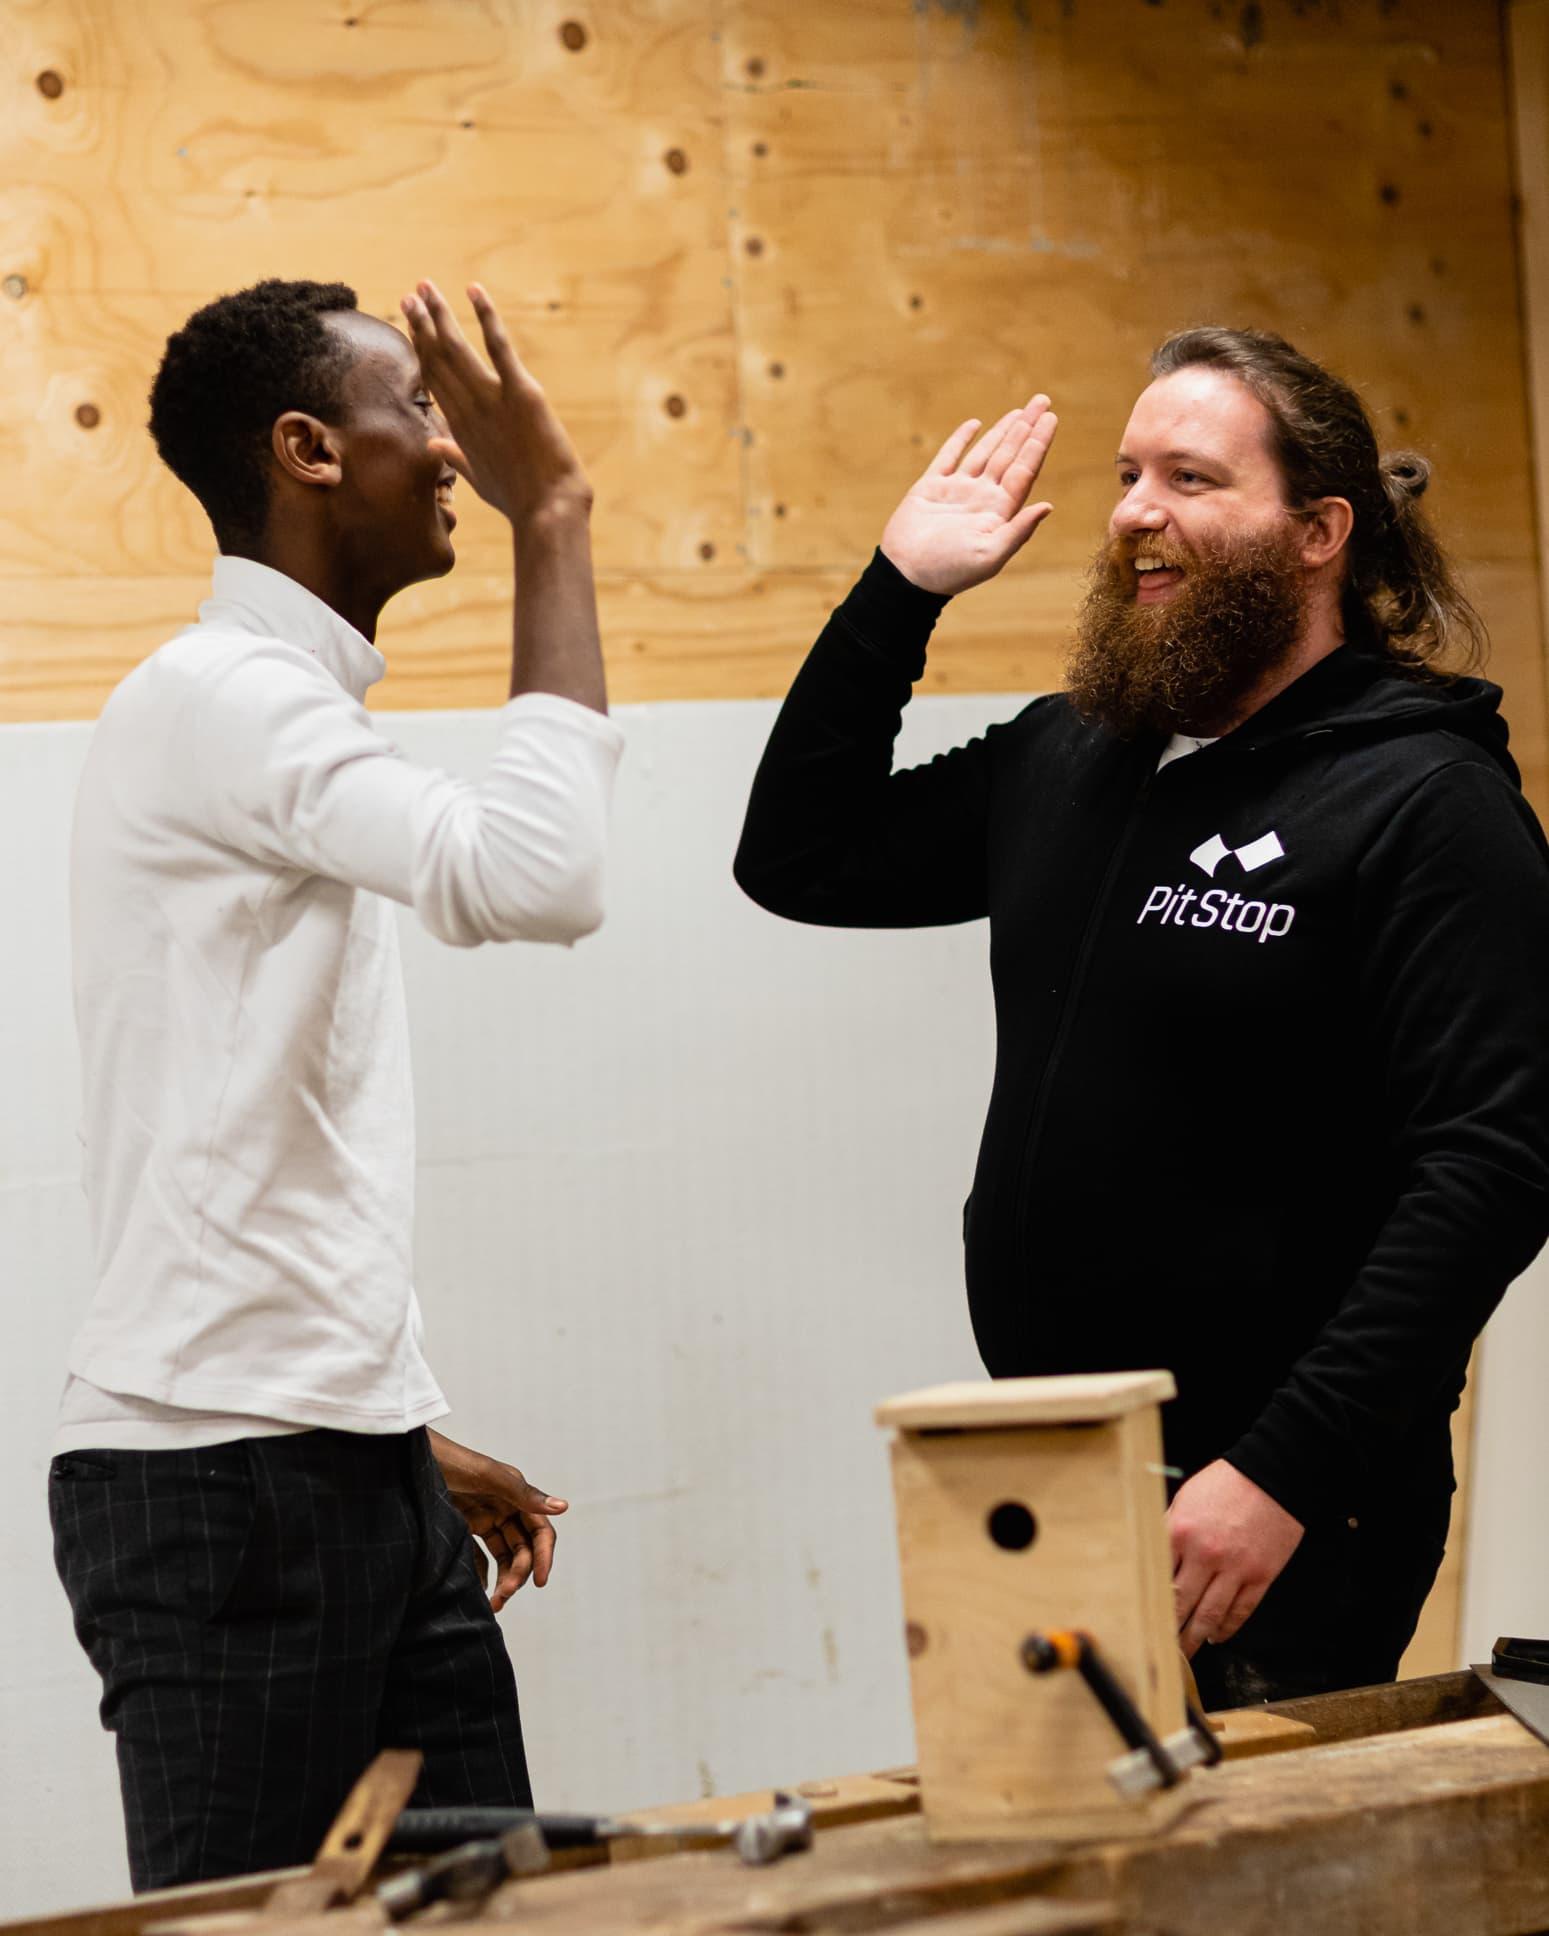 High five mellom en ungdom og en PitStop-medarbeider! Hos PitStop får ungdommen tildelt en rekke mestringsverktøy som skal gjøre dem mer robust i møte med livet generelt og skole og arbeid spesielt.